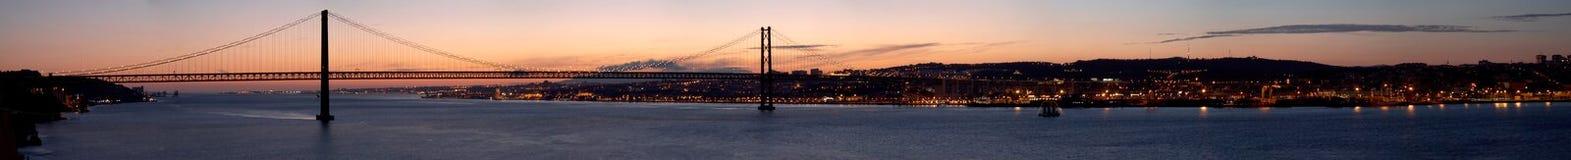 25 de abril Lizbońskiego panorama bridge Portugal obraz royalty free